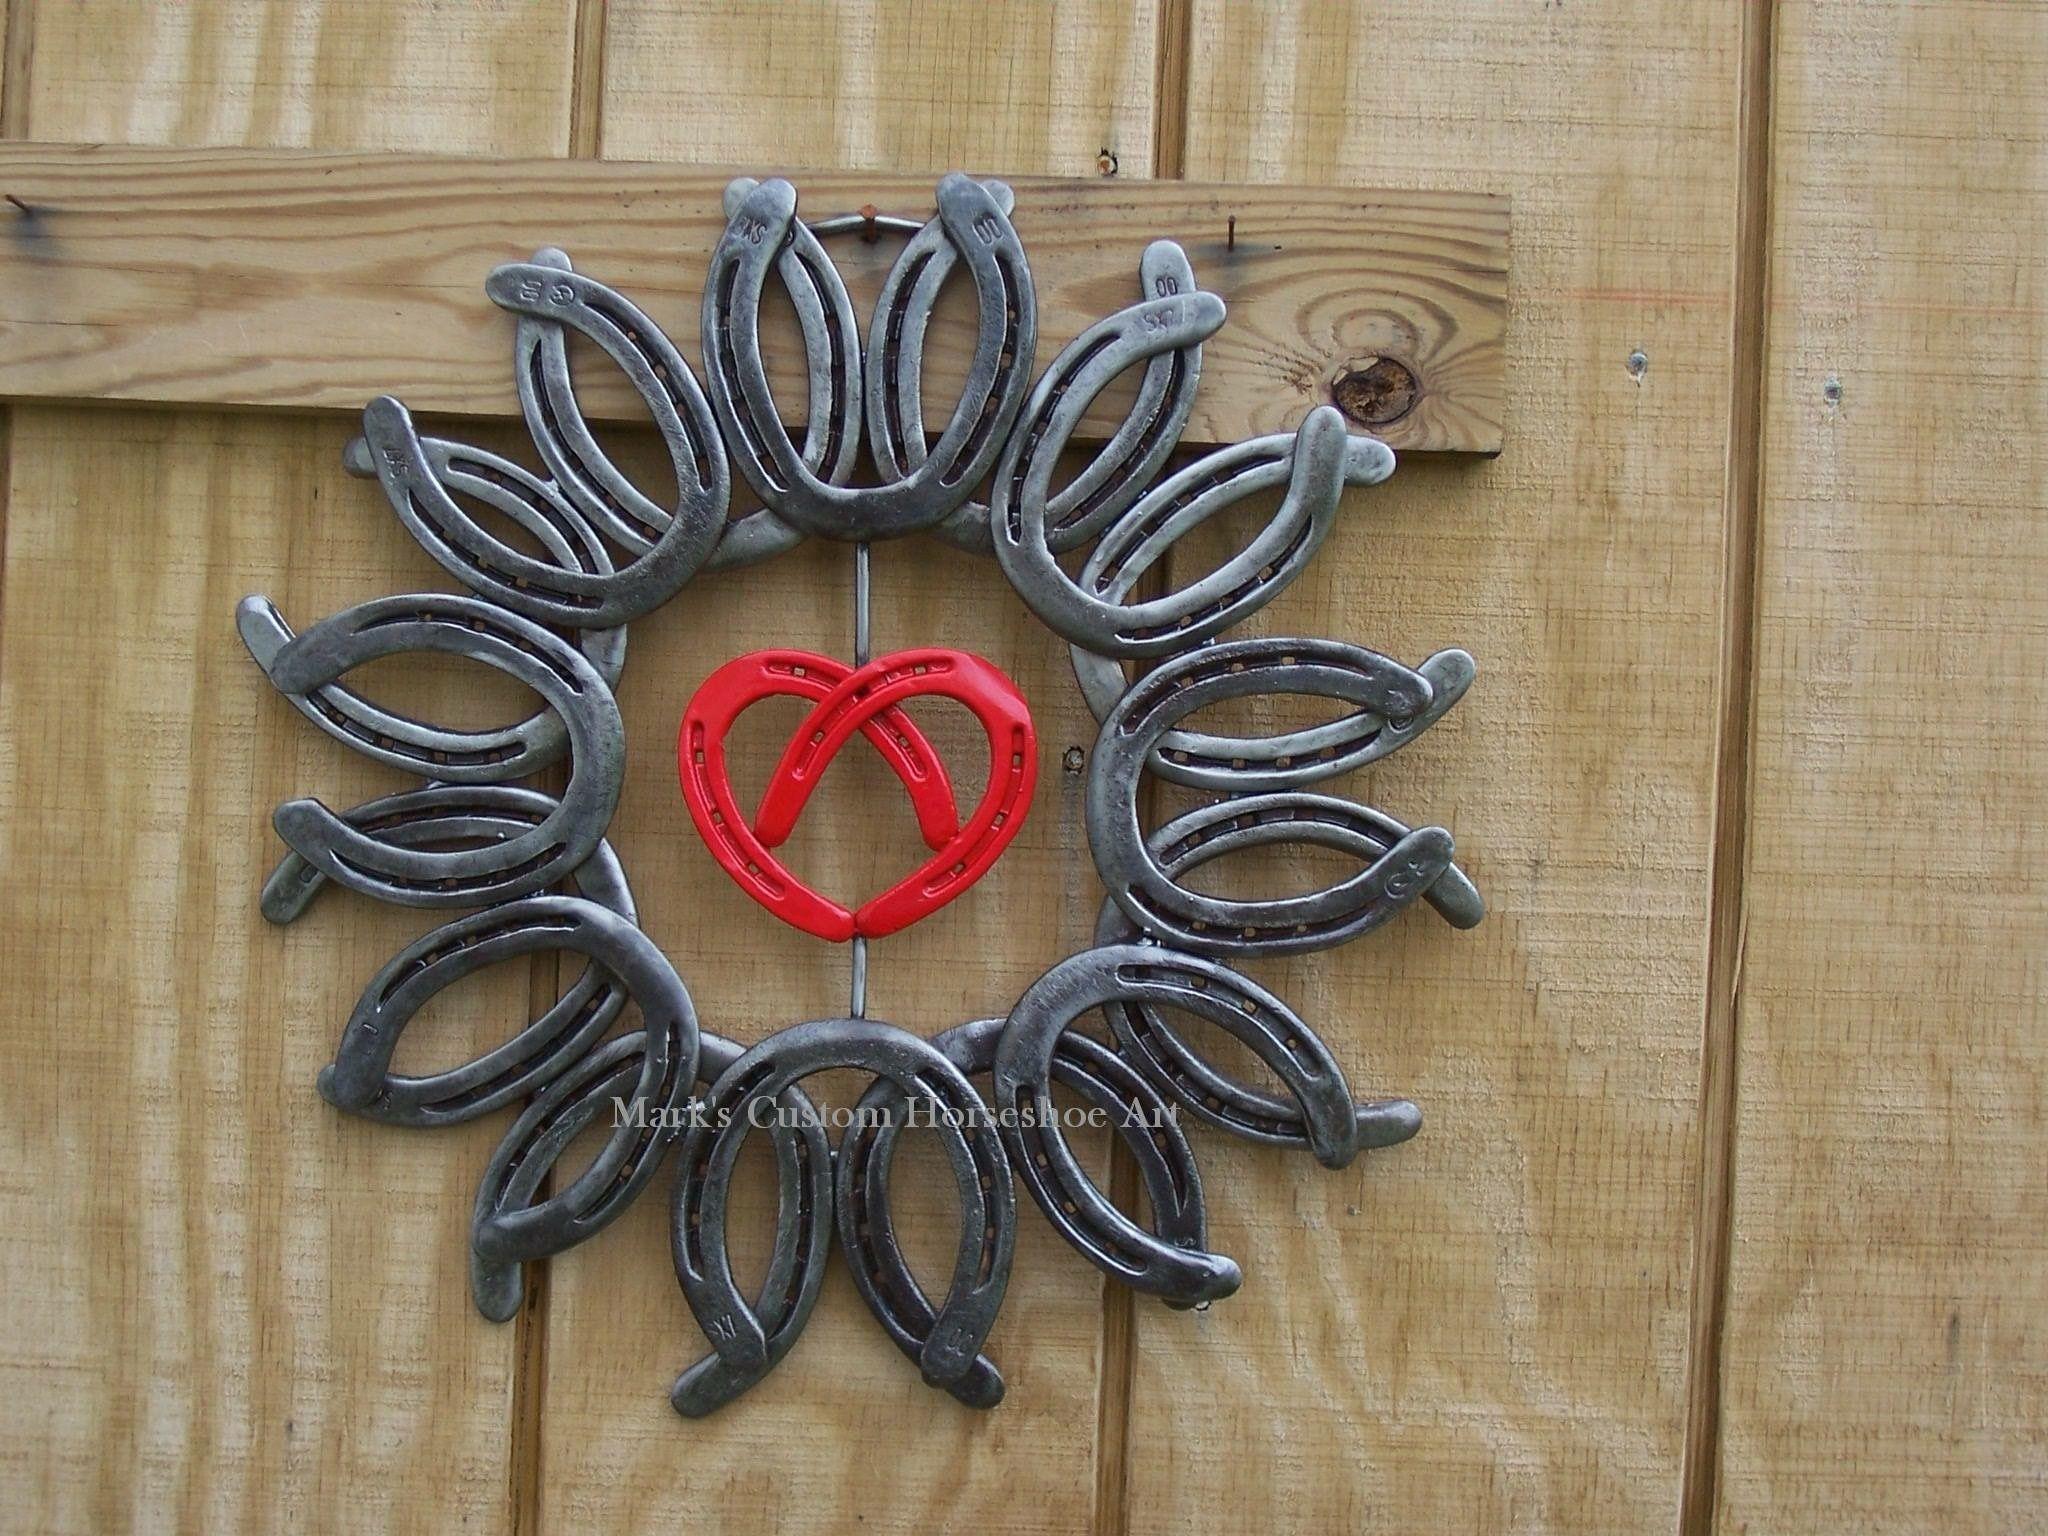 Horseshoe arts and crafts - Explore Horseshoe Art Horseshoes And More